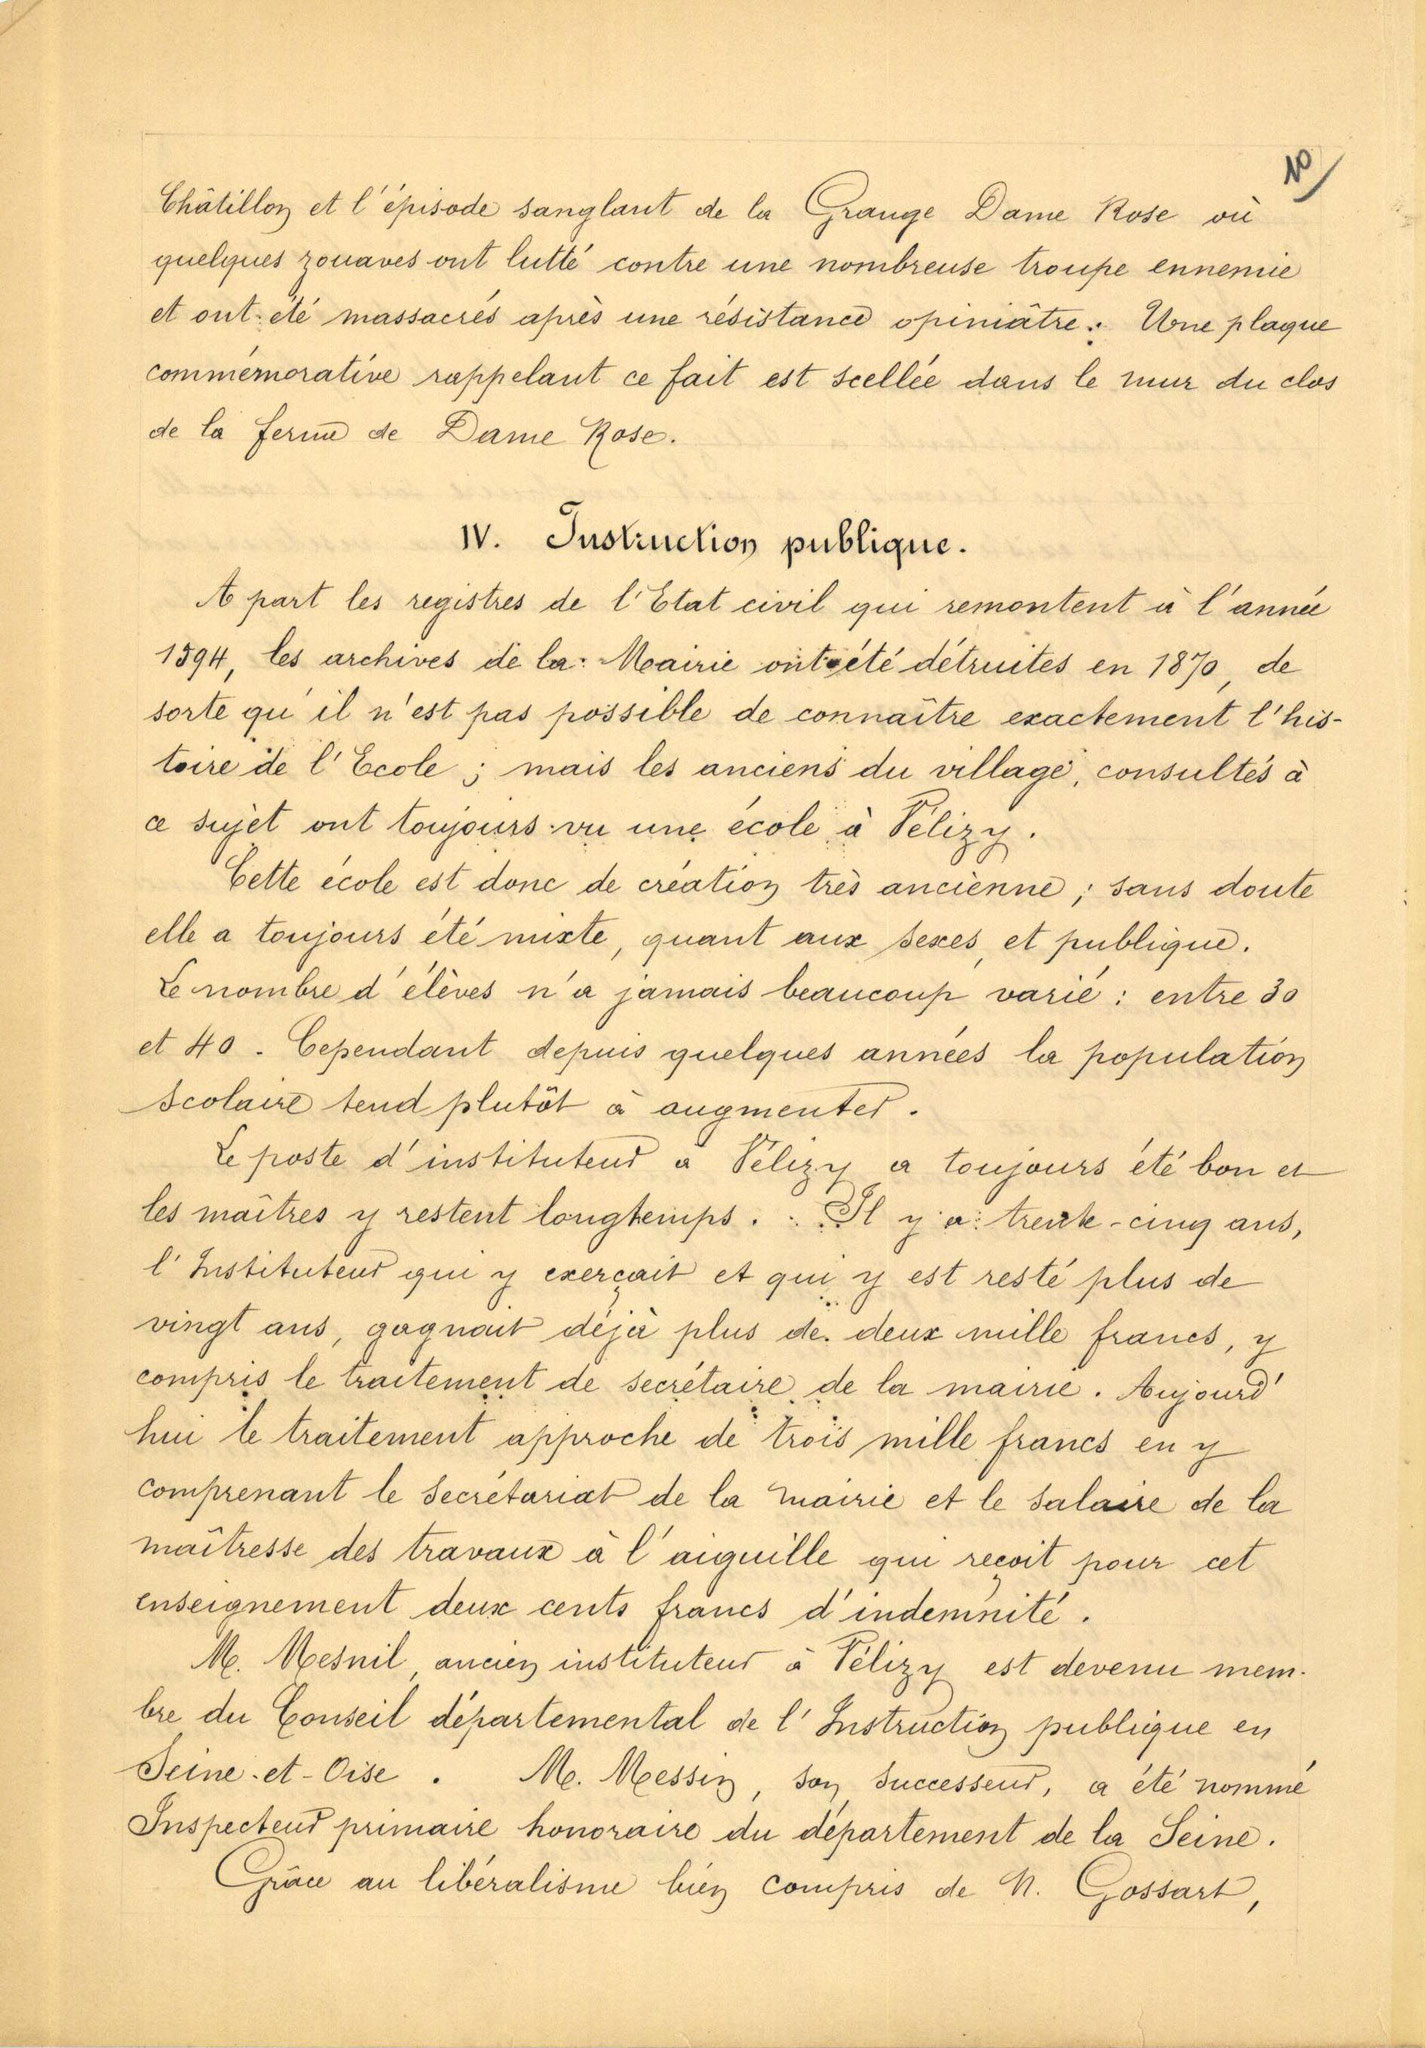 Page 10 - Monographie communale de l'instituteur de Vélizy, 1899